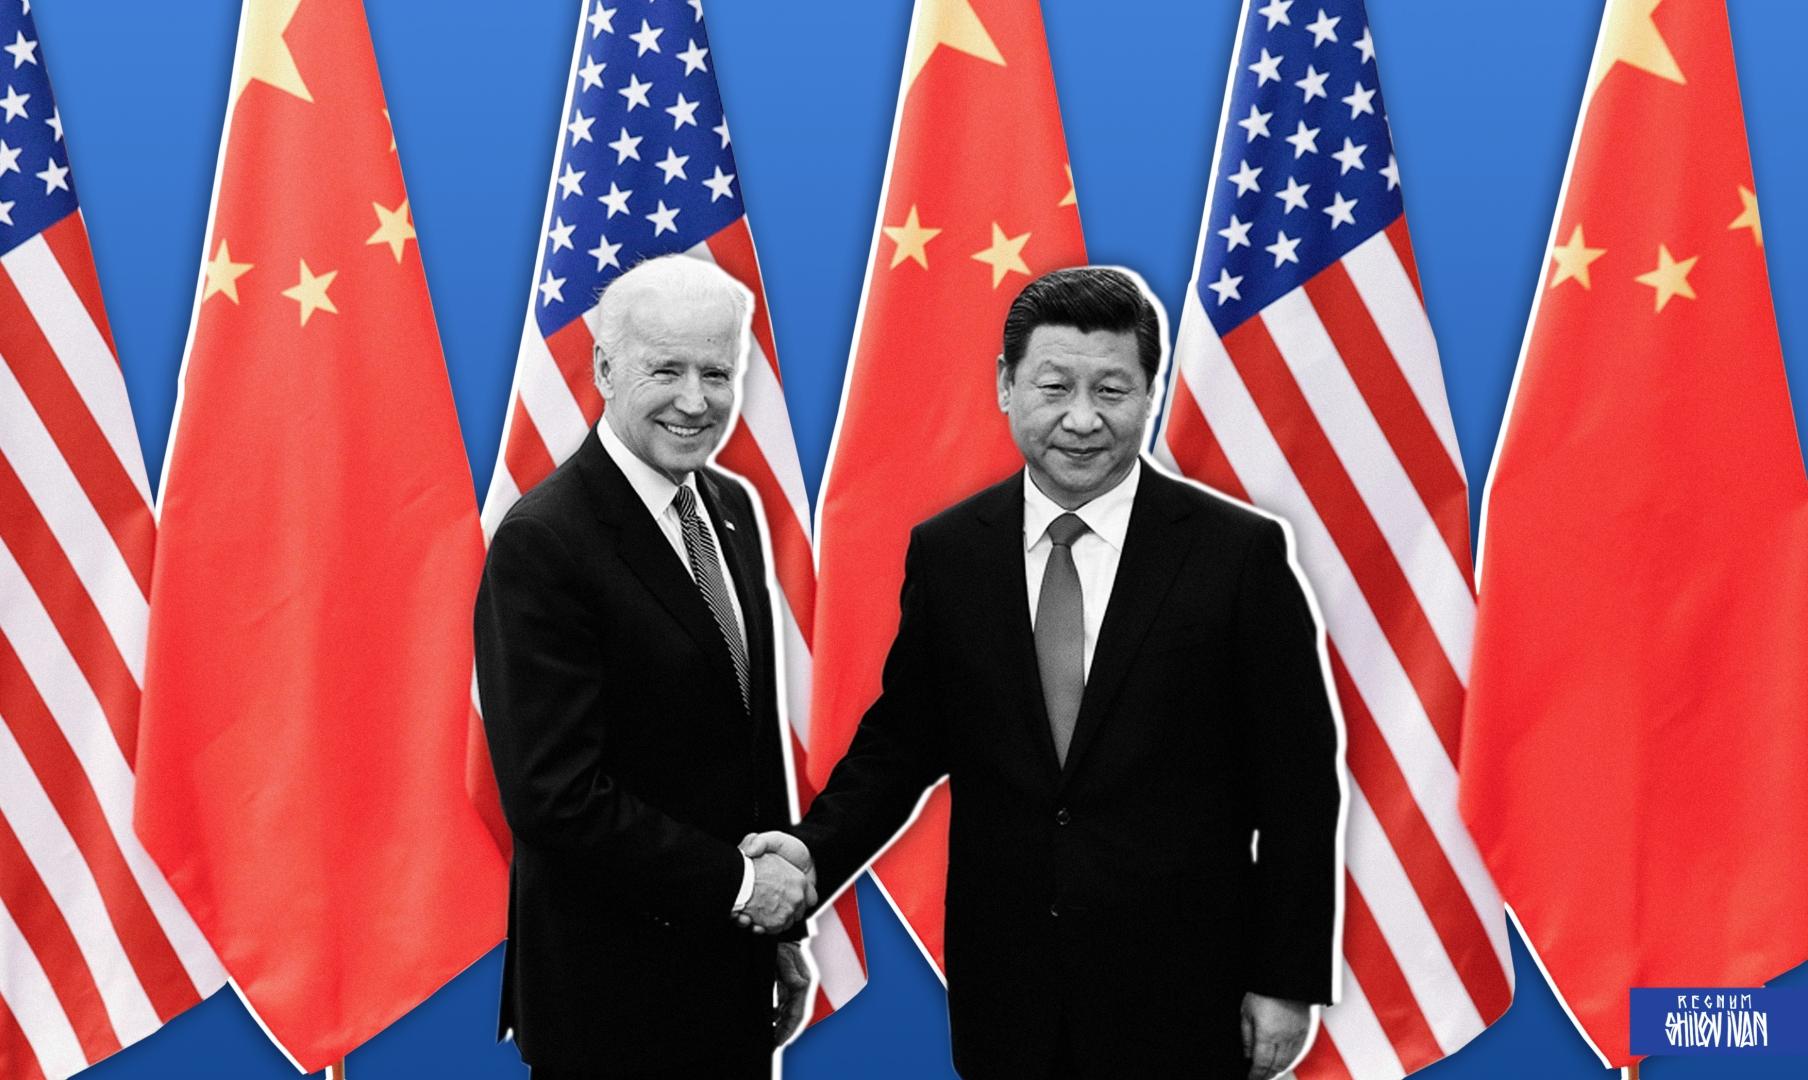 Чтобы конкуренция не переросла в конфликт – тема беседы Байдена и Си Цзиньпина